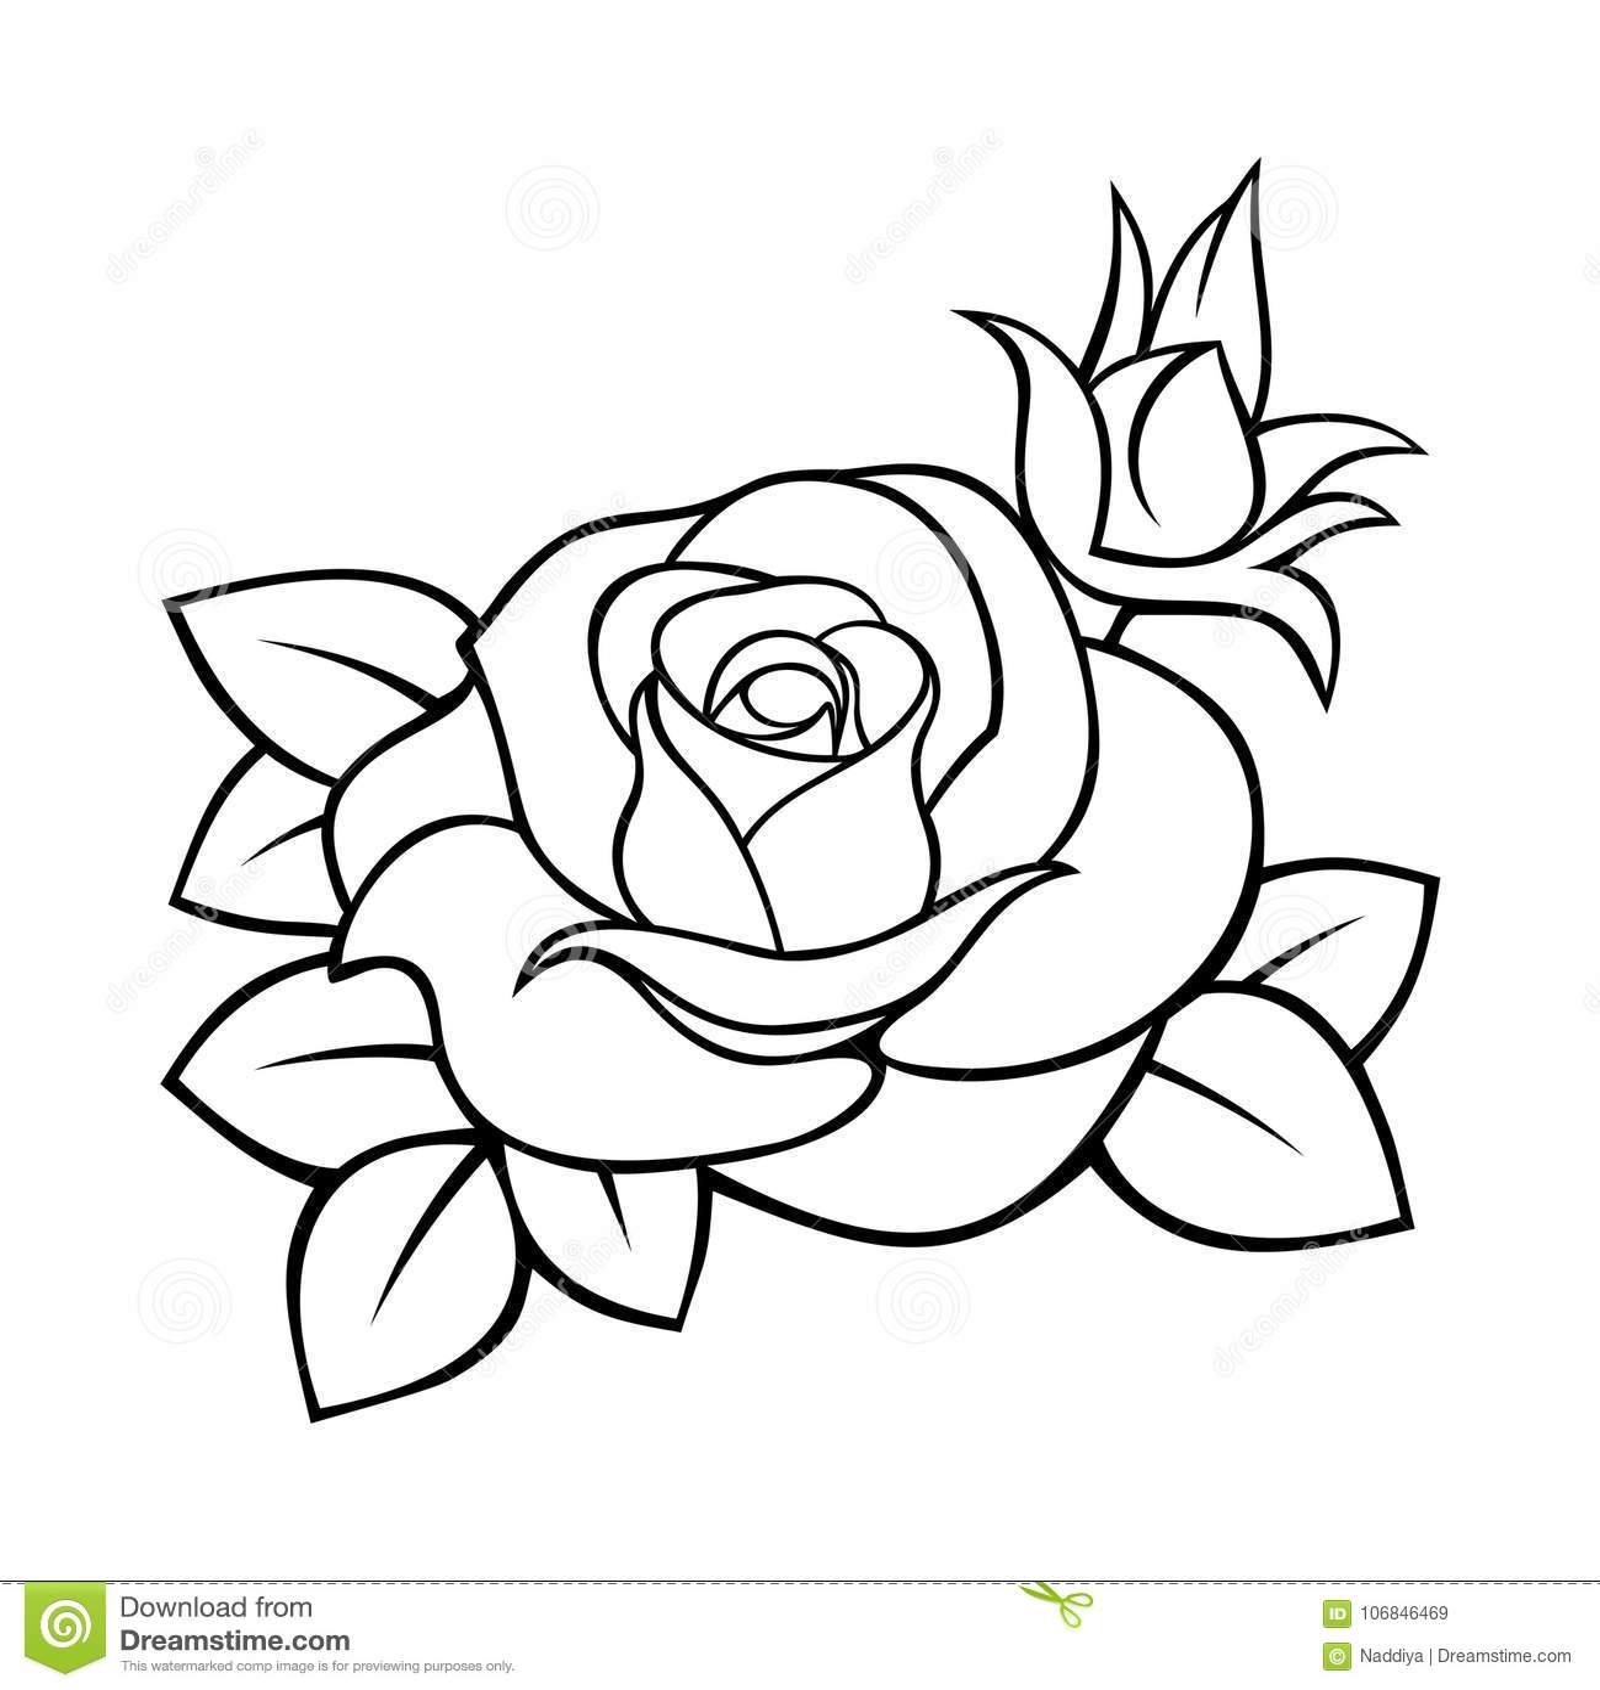 Rosa Desenho Preto E Branco Do Contorno Do Vetor Ilustracao Do